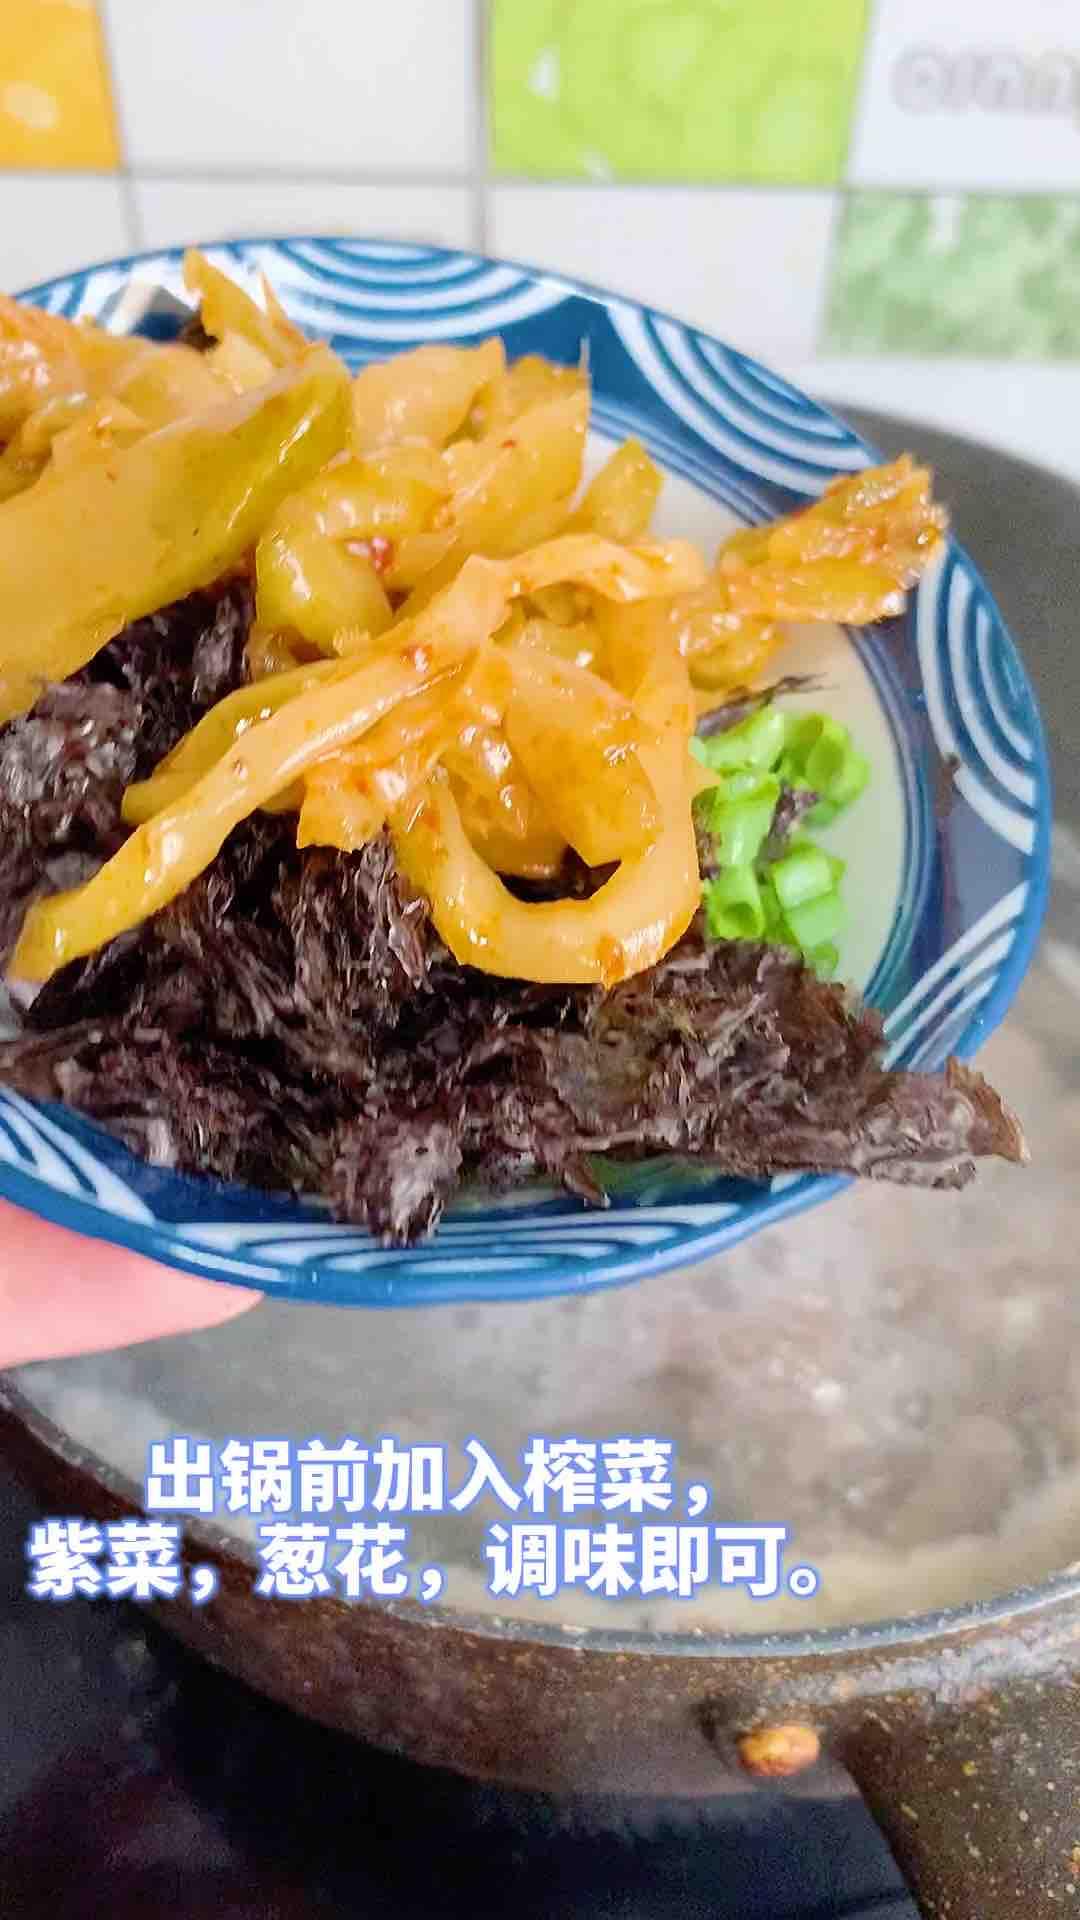 紫菜牛肉丸汤怎么煮